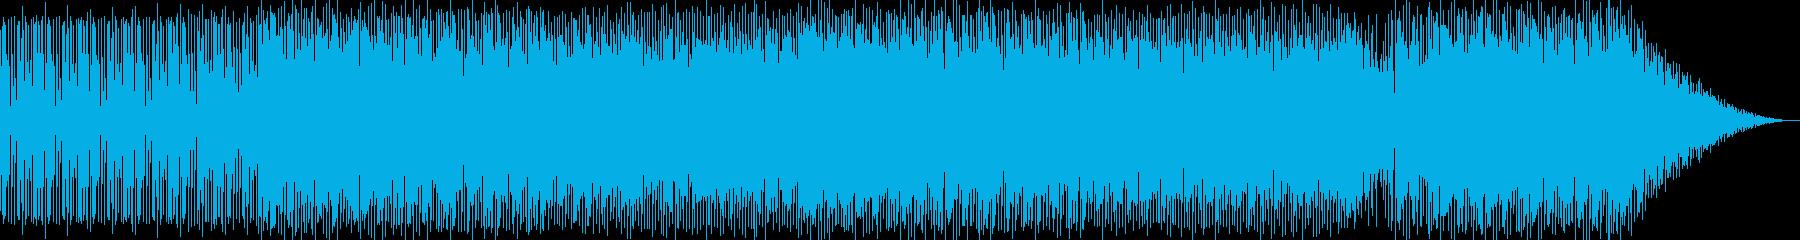 報道BGMの再生済みの波形